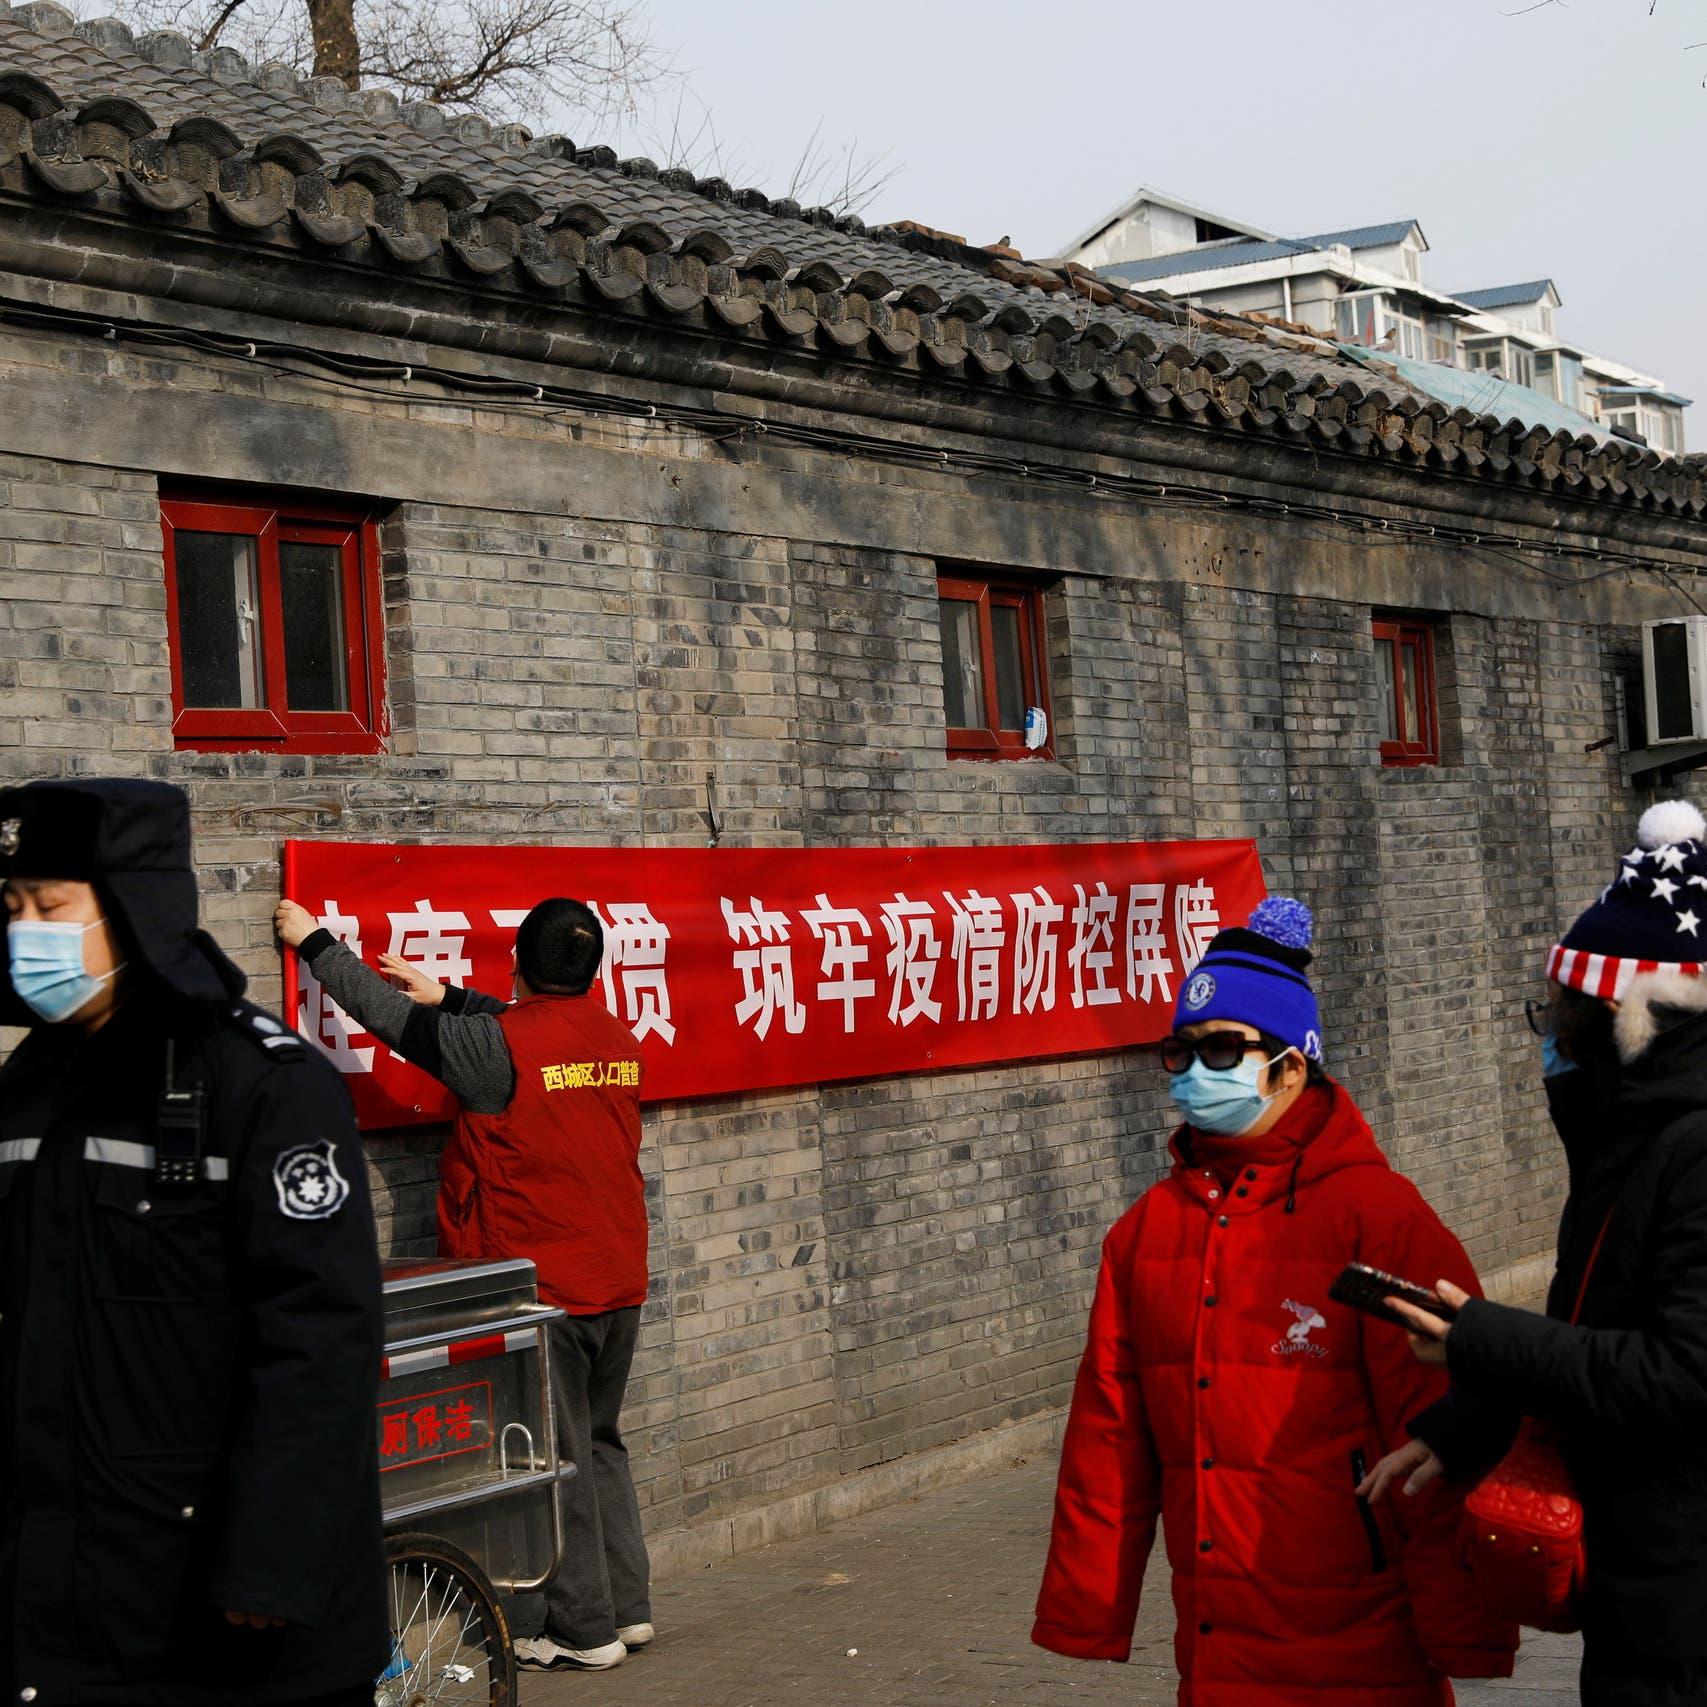 الصين تعارض إجراء تحقيق جديد حول أصل كوفيد-19 بأراضيها